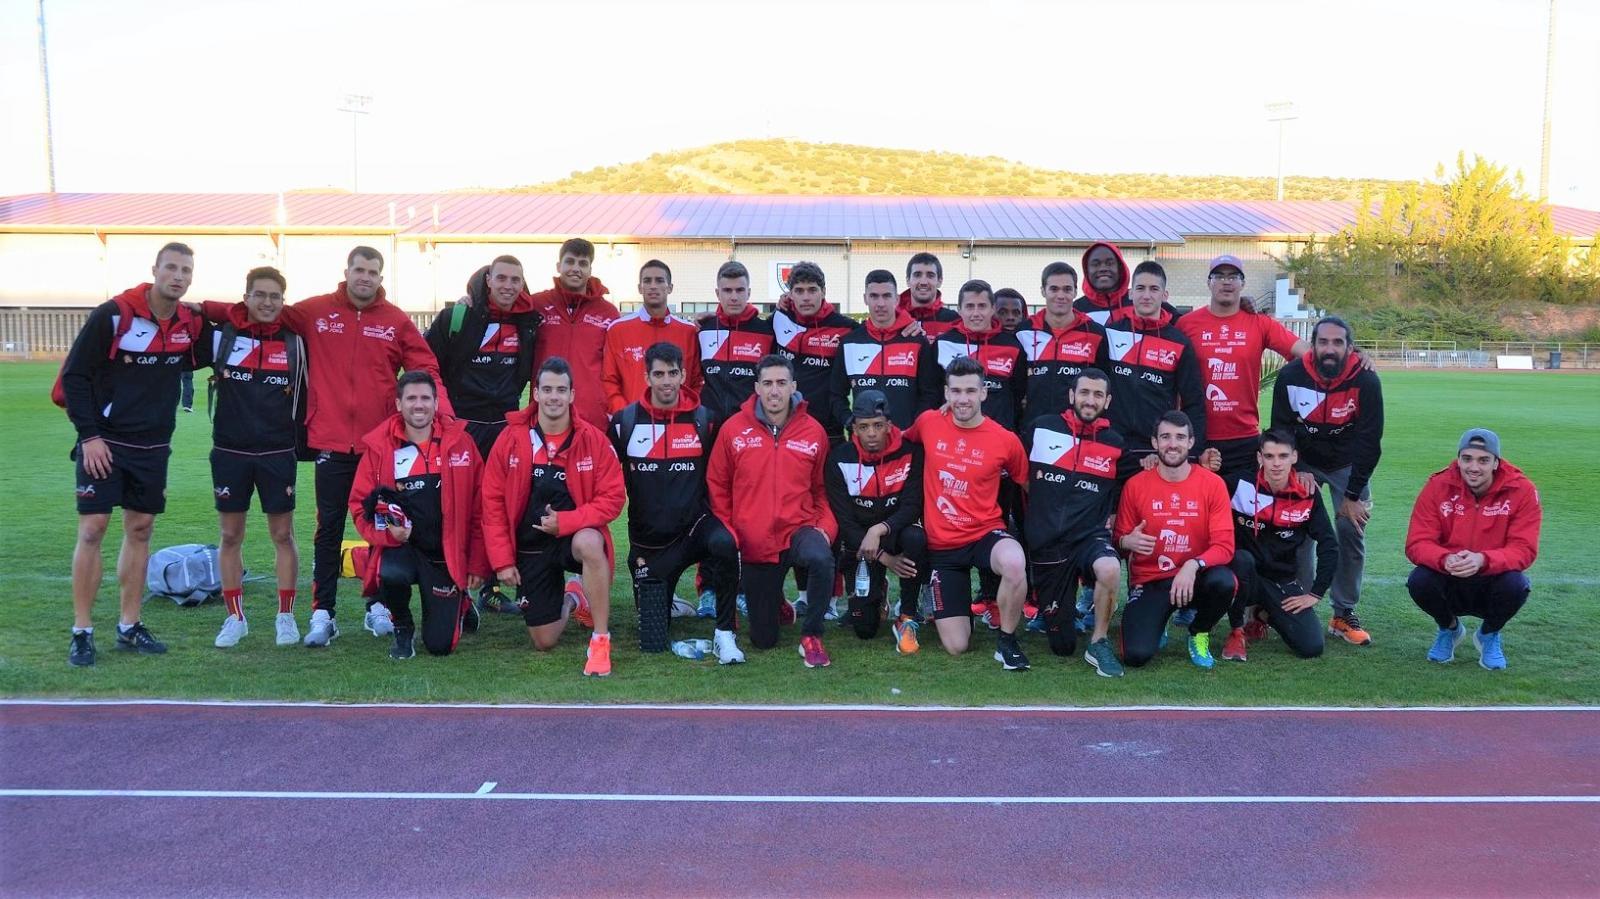 15 de Junio 2019 Estadio de los Pajaritos, (Soria)